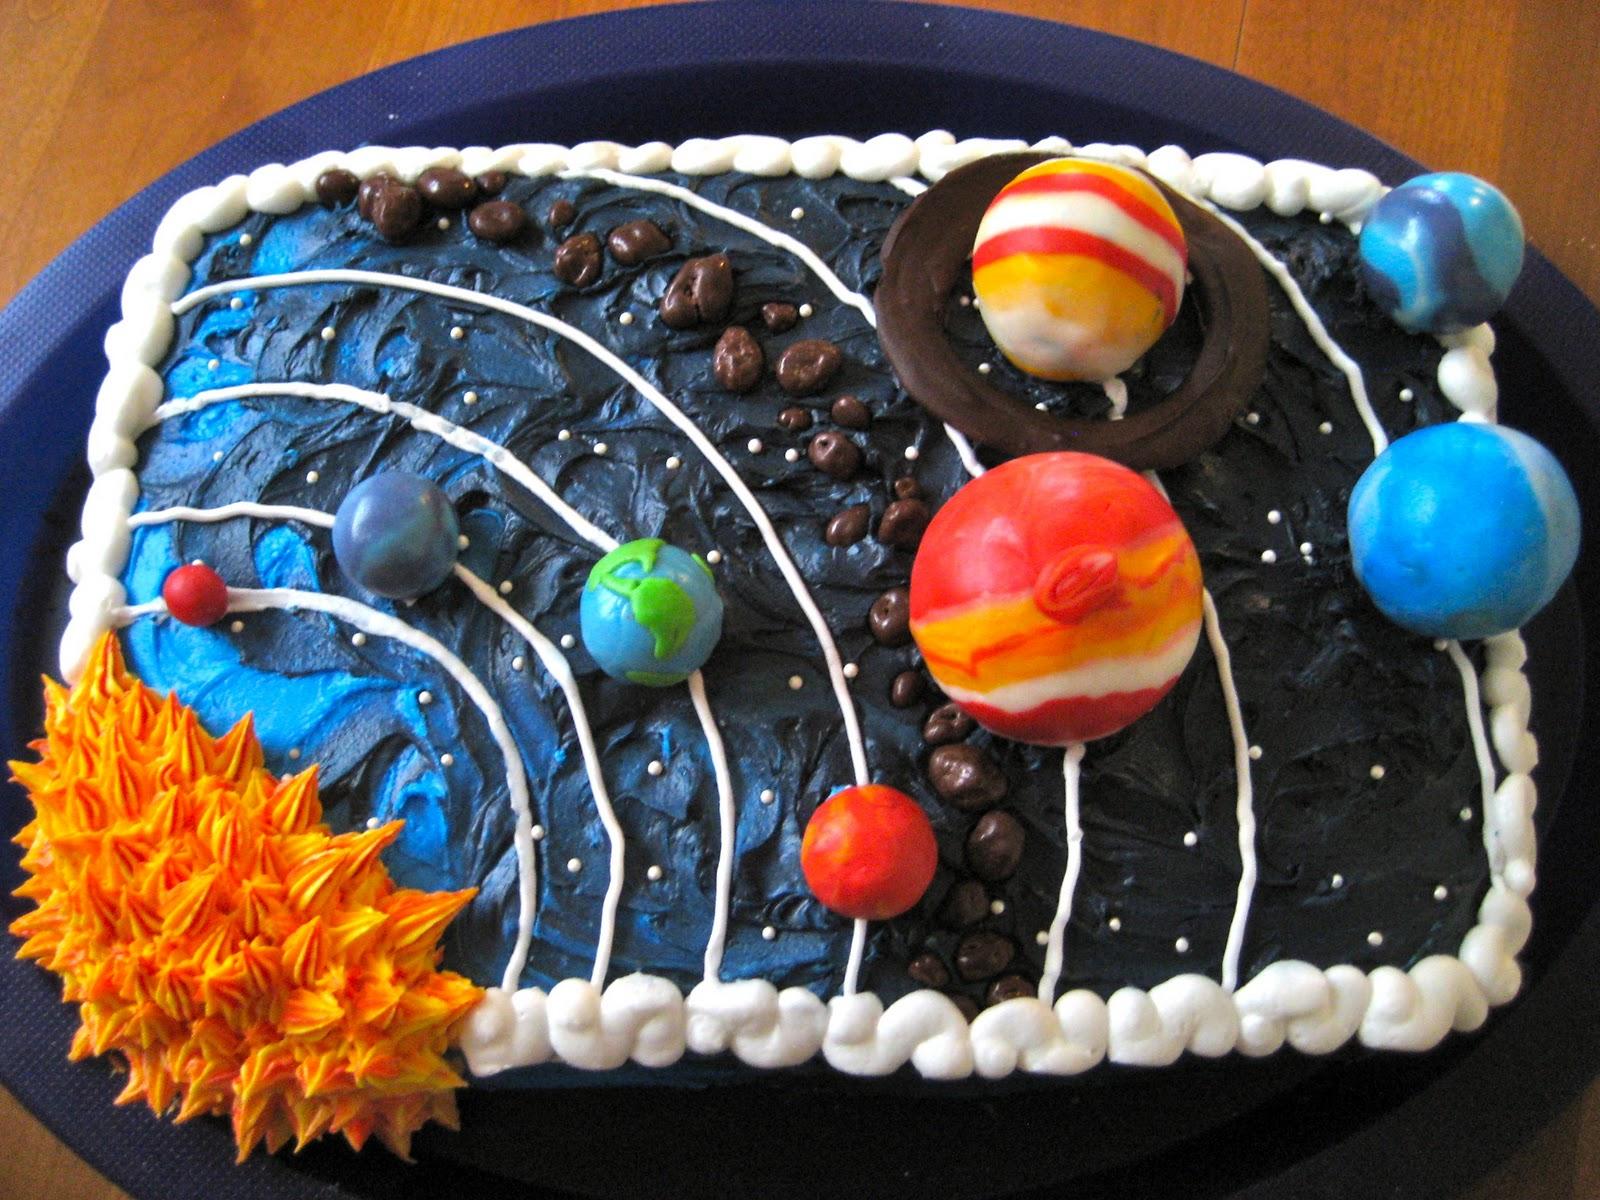 3d solar system birthday cake - photo #28